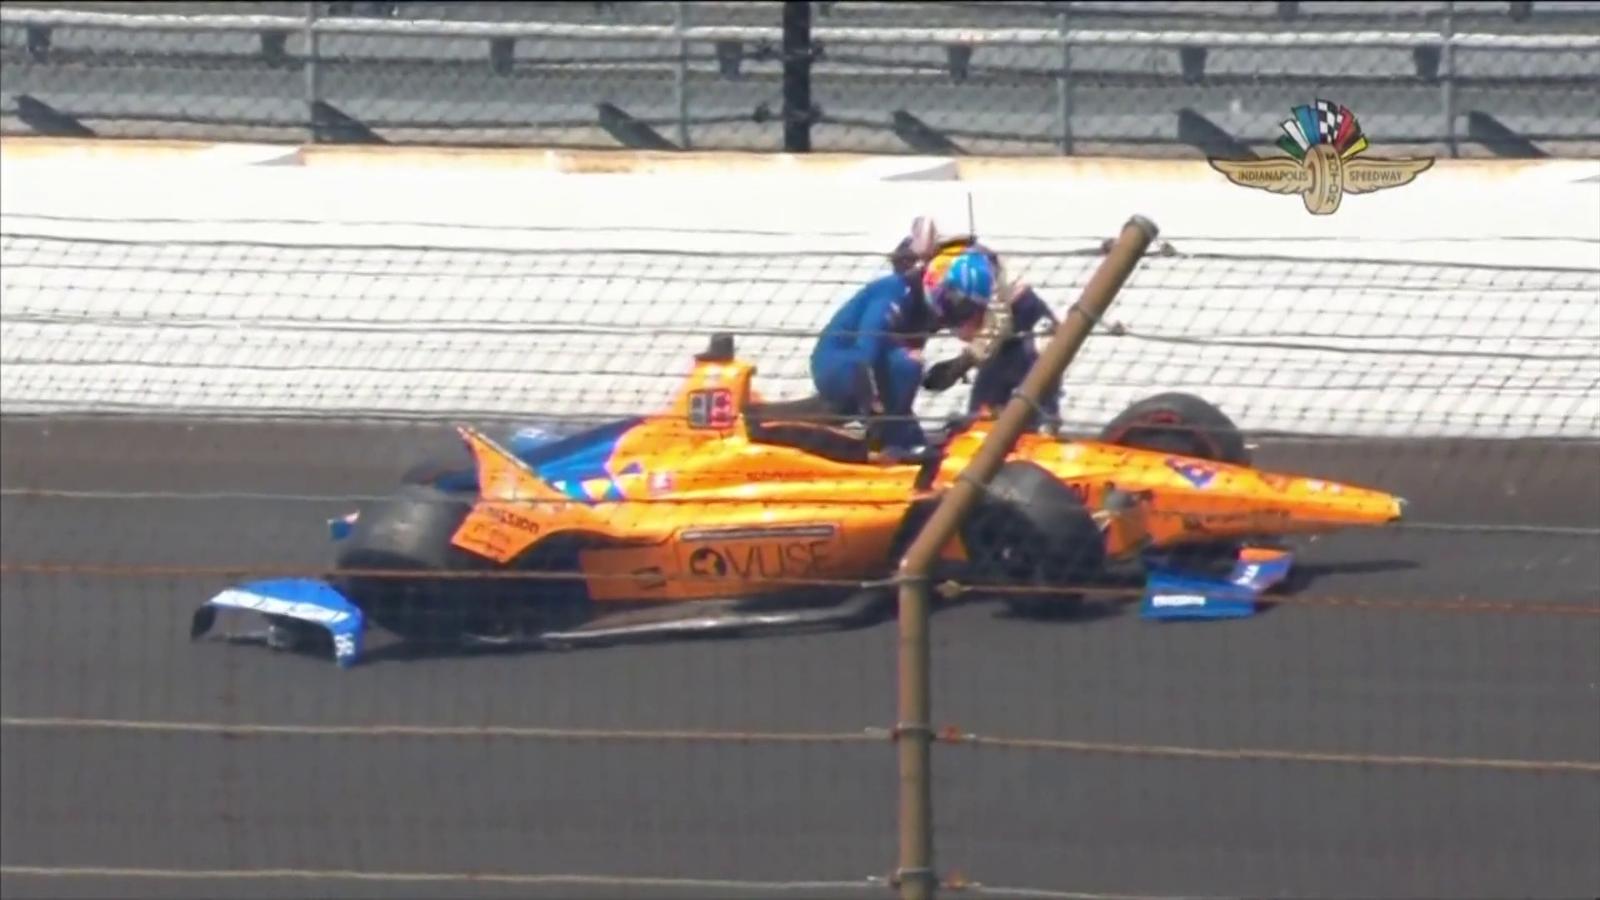 Circuito Fernando Alonso Accidente : Fallece un piloto de años tras un accidente en el circuito